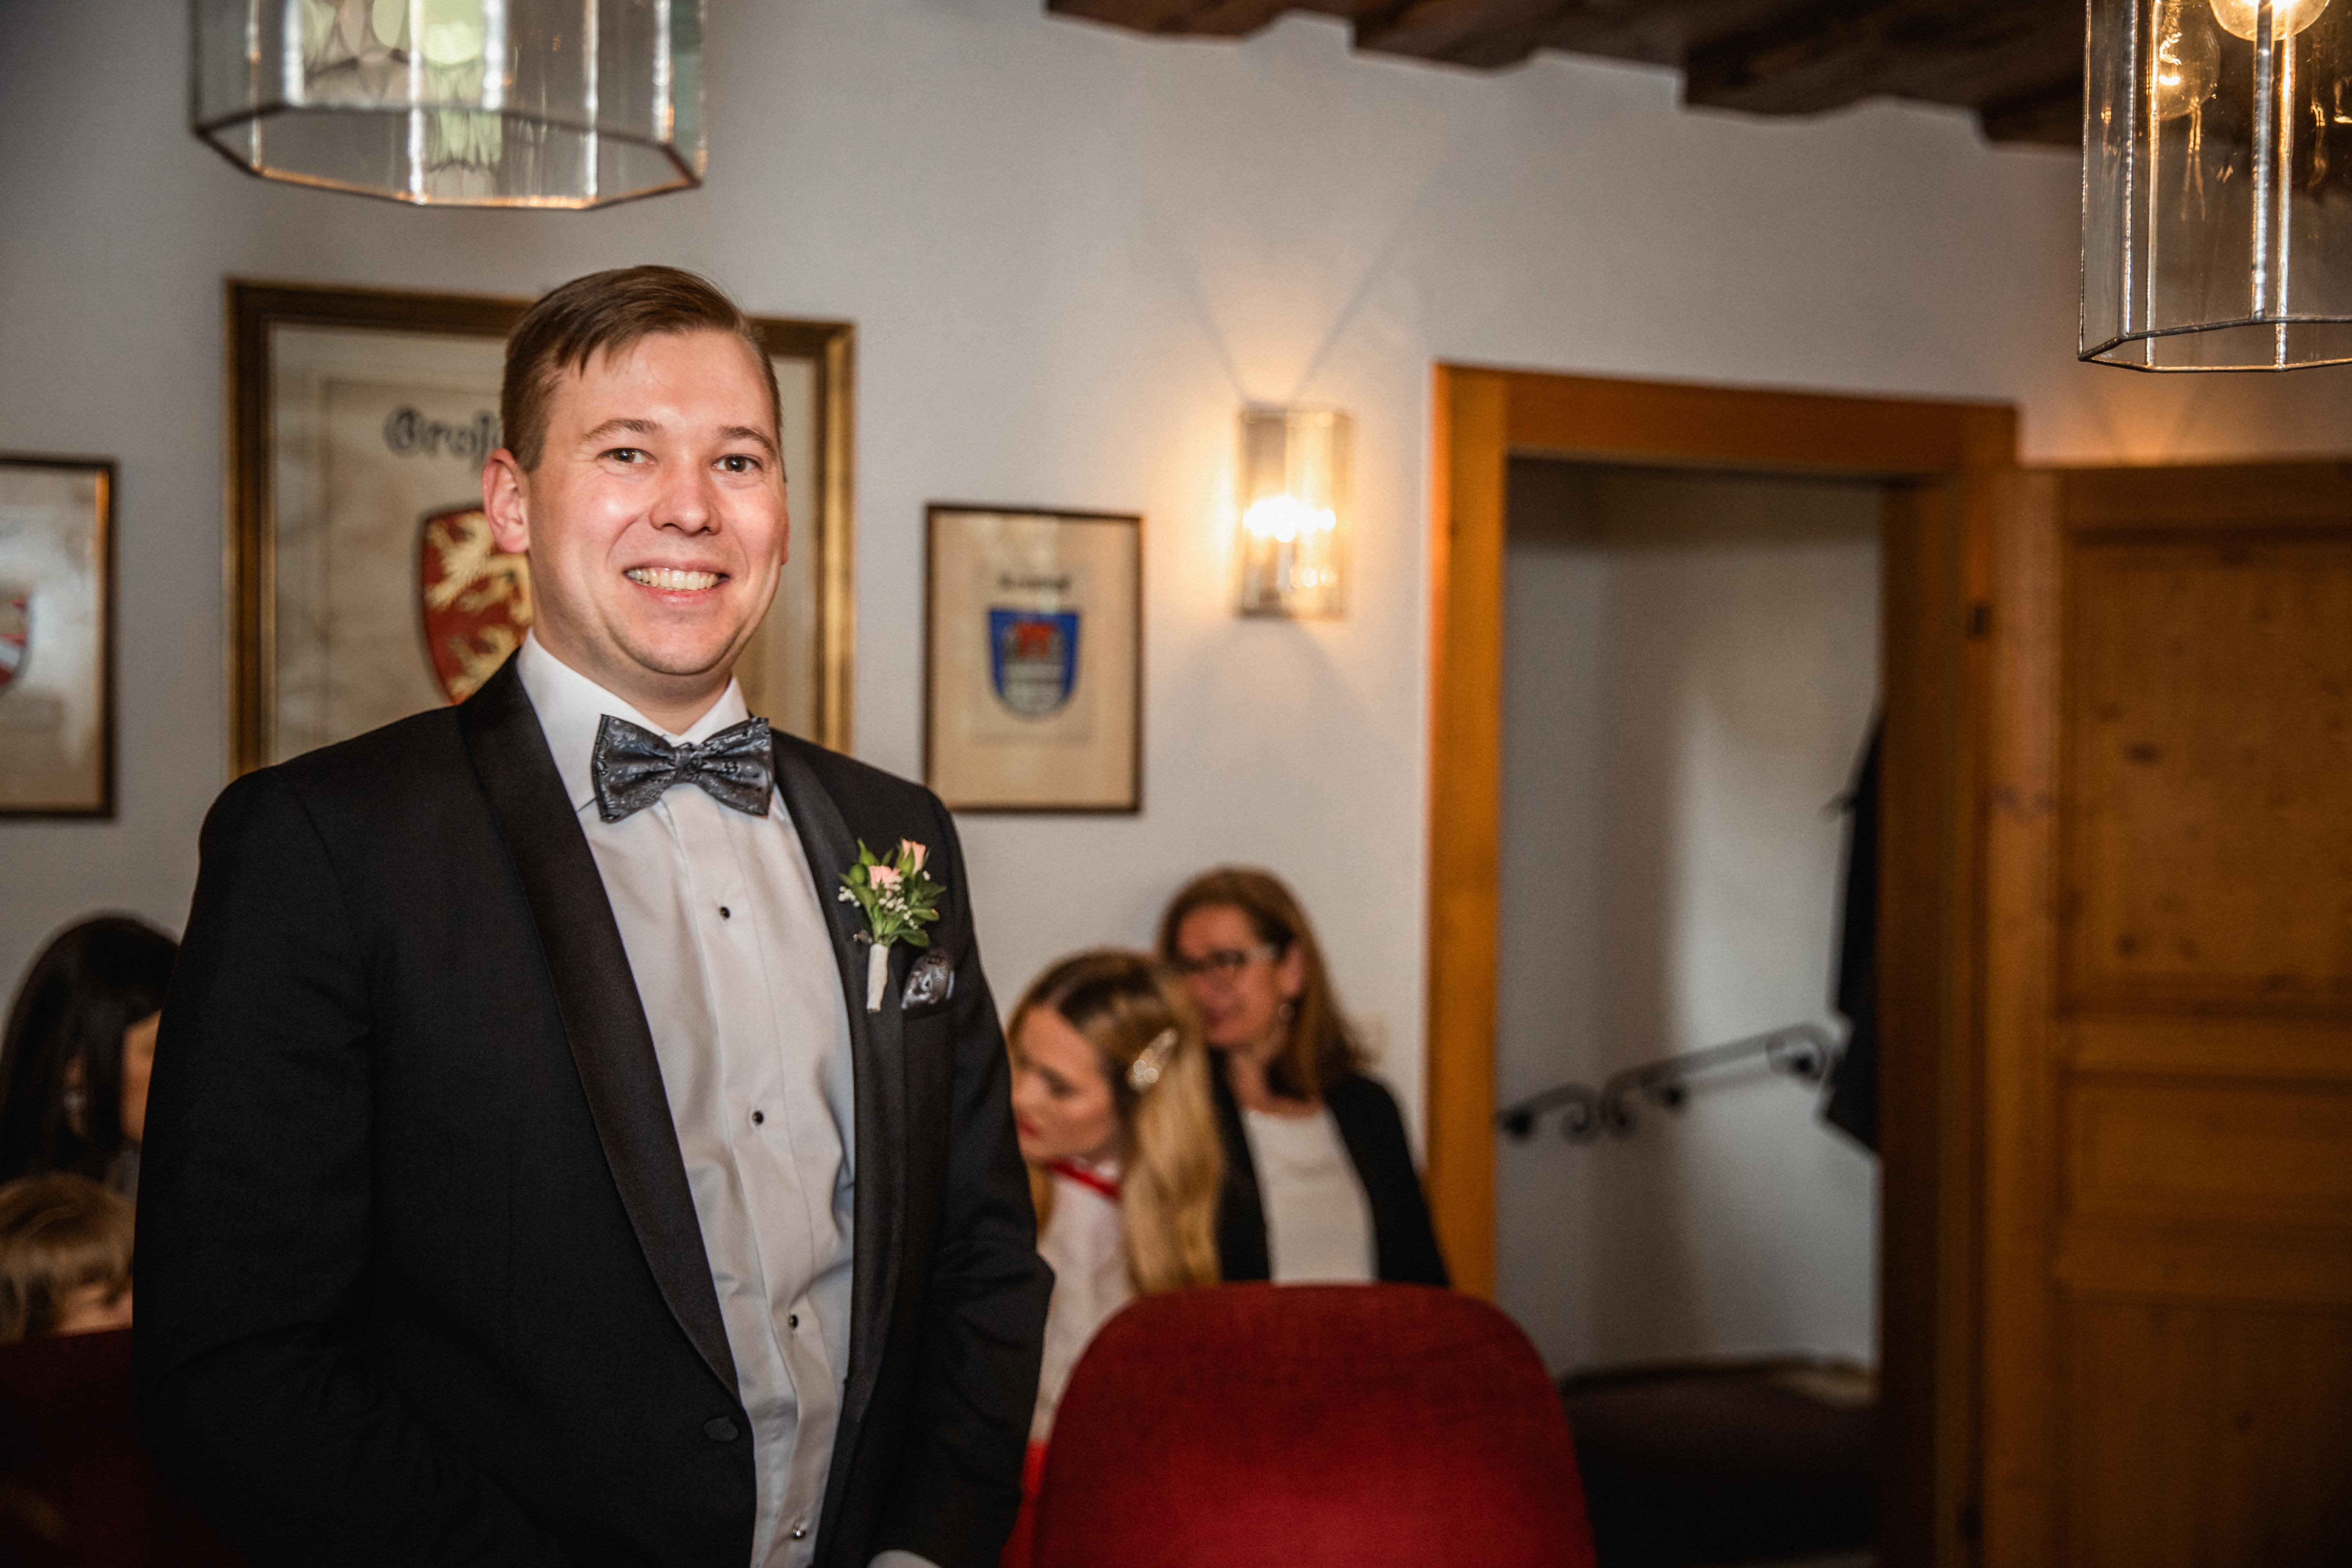 Hochzeitsfotograf-Grossgruendlach-Standesamt-Hallerschloss-Urbanerie-Stazija-und-Michael-010